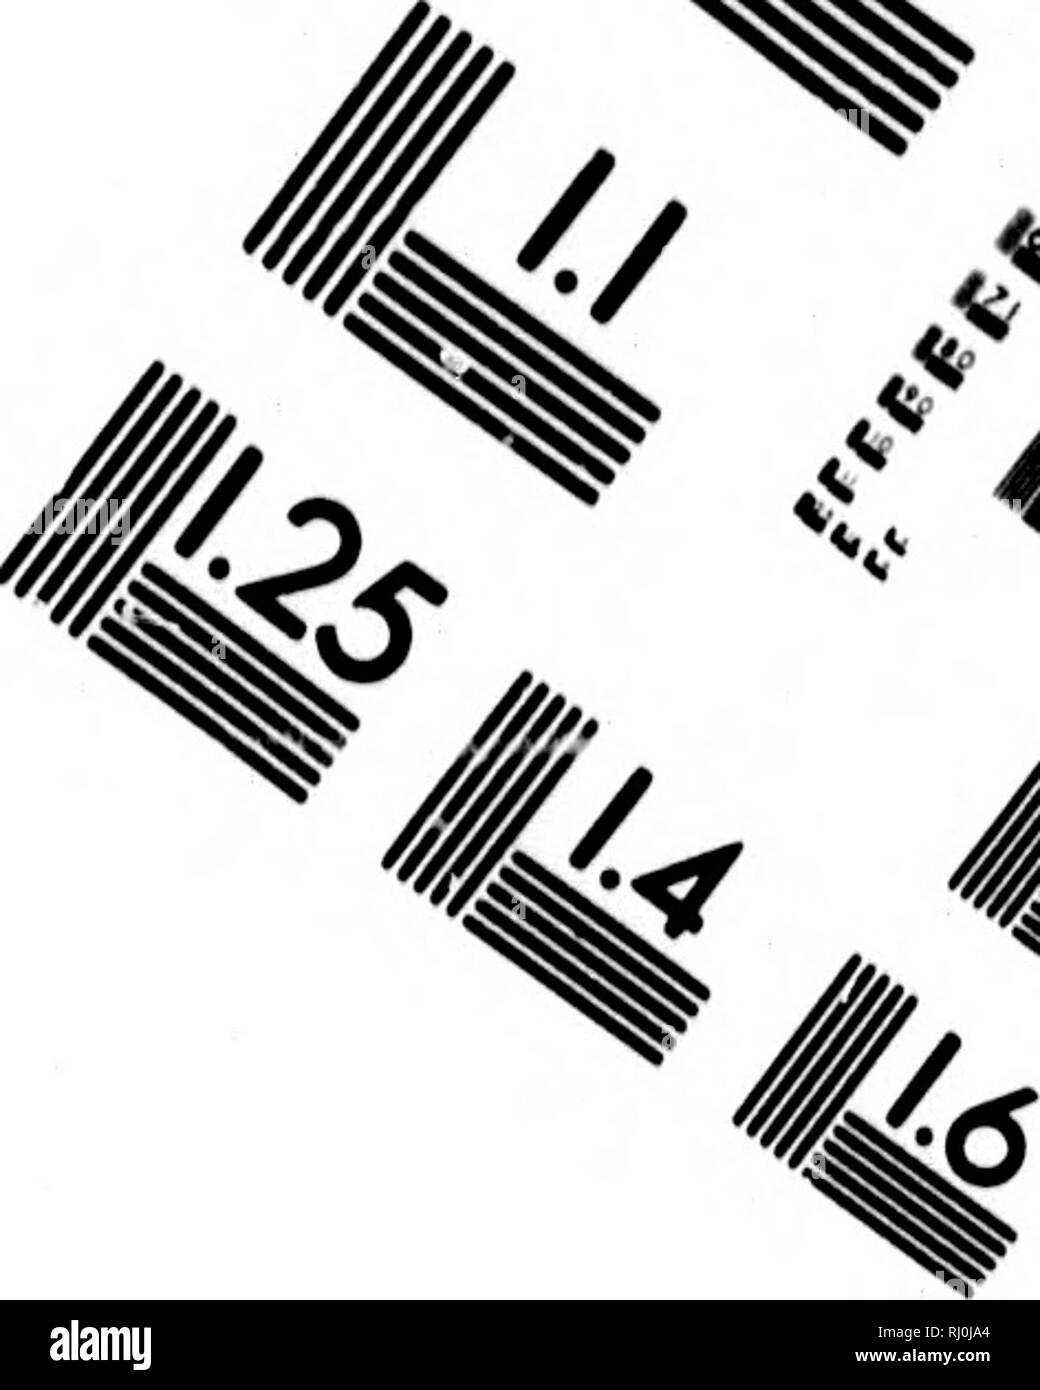 """. Hojas de arce [microforma] : un presupuesto de legendarios, históricos, críticos y Sporting de inteligencia. La caza y las aves; Gibier. TEST DE EVALUACIÓN DE LA IMAGEN DE DESTINO (MT-3) // .^4^' ''^S^ fe""""*^^;, &gt . '^^1^. 1.0 1.1 •^ 1^ malos 2.2 Hi I^ 12,0 1,8 L25      _^^ i V] ^3 ' V '^> 7: y. Por favor tenga en cuenta que estas imágenes son extraídas de la página escaneada imágenes que podrían haber sido mejoradas digitalmente para mejorar la legibilidad, la coloración y el aspecto de estas ilustraciones pueden no parecerse perfectamente a la obra original. Le Moine, J. M. (James MacPherson), Sir, 1825-1912. Québec: Impreso por el autor por Hunter, Ros Foto de stock"""